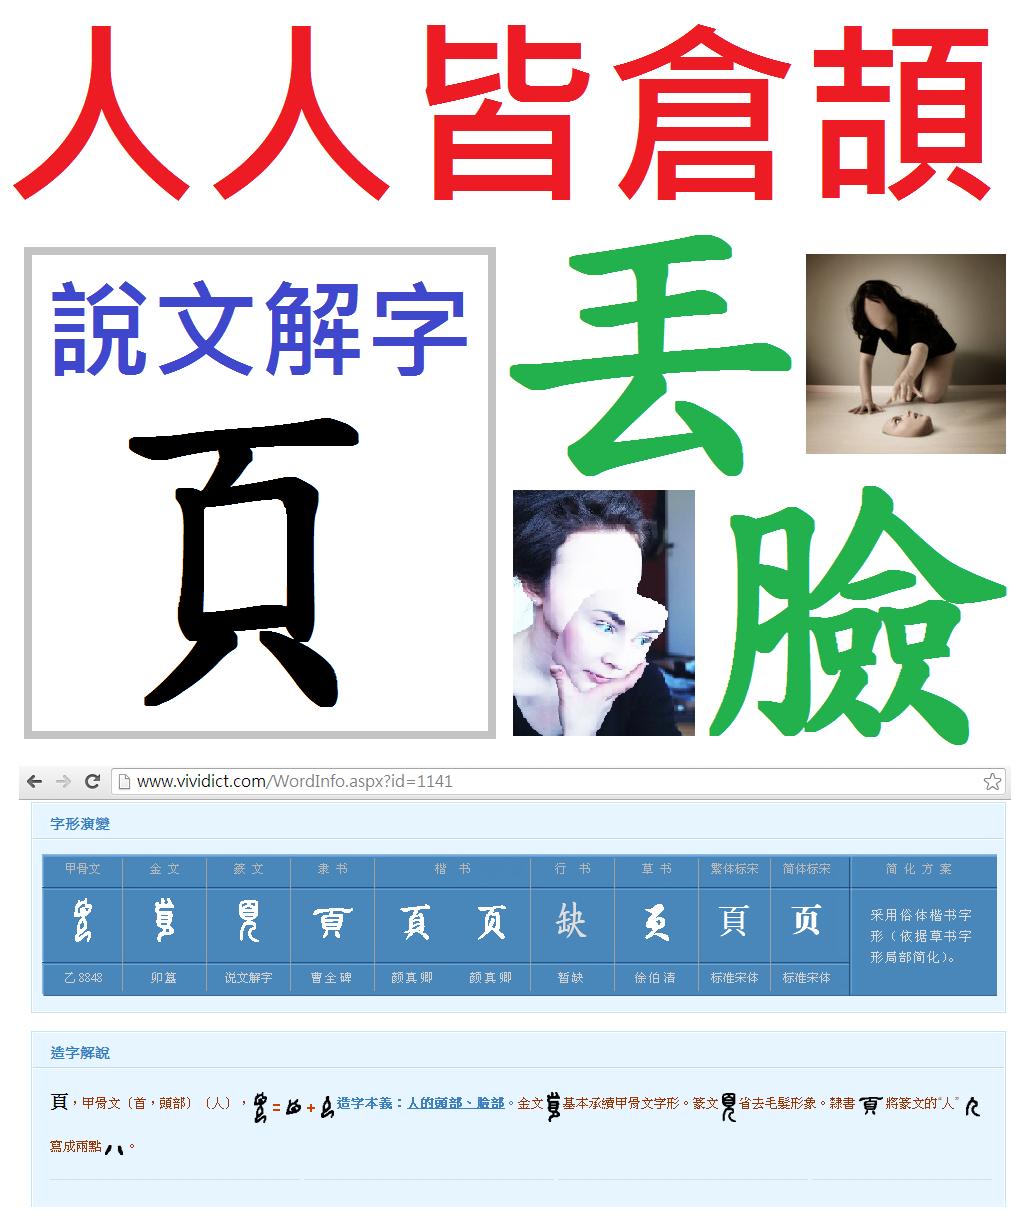 人人皆倉頡/頁~丟掉五官~丟臉/說文解字/象形文字/字形演變/造字解說